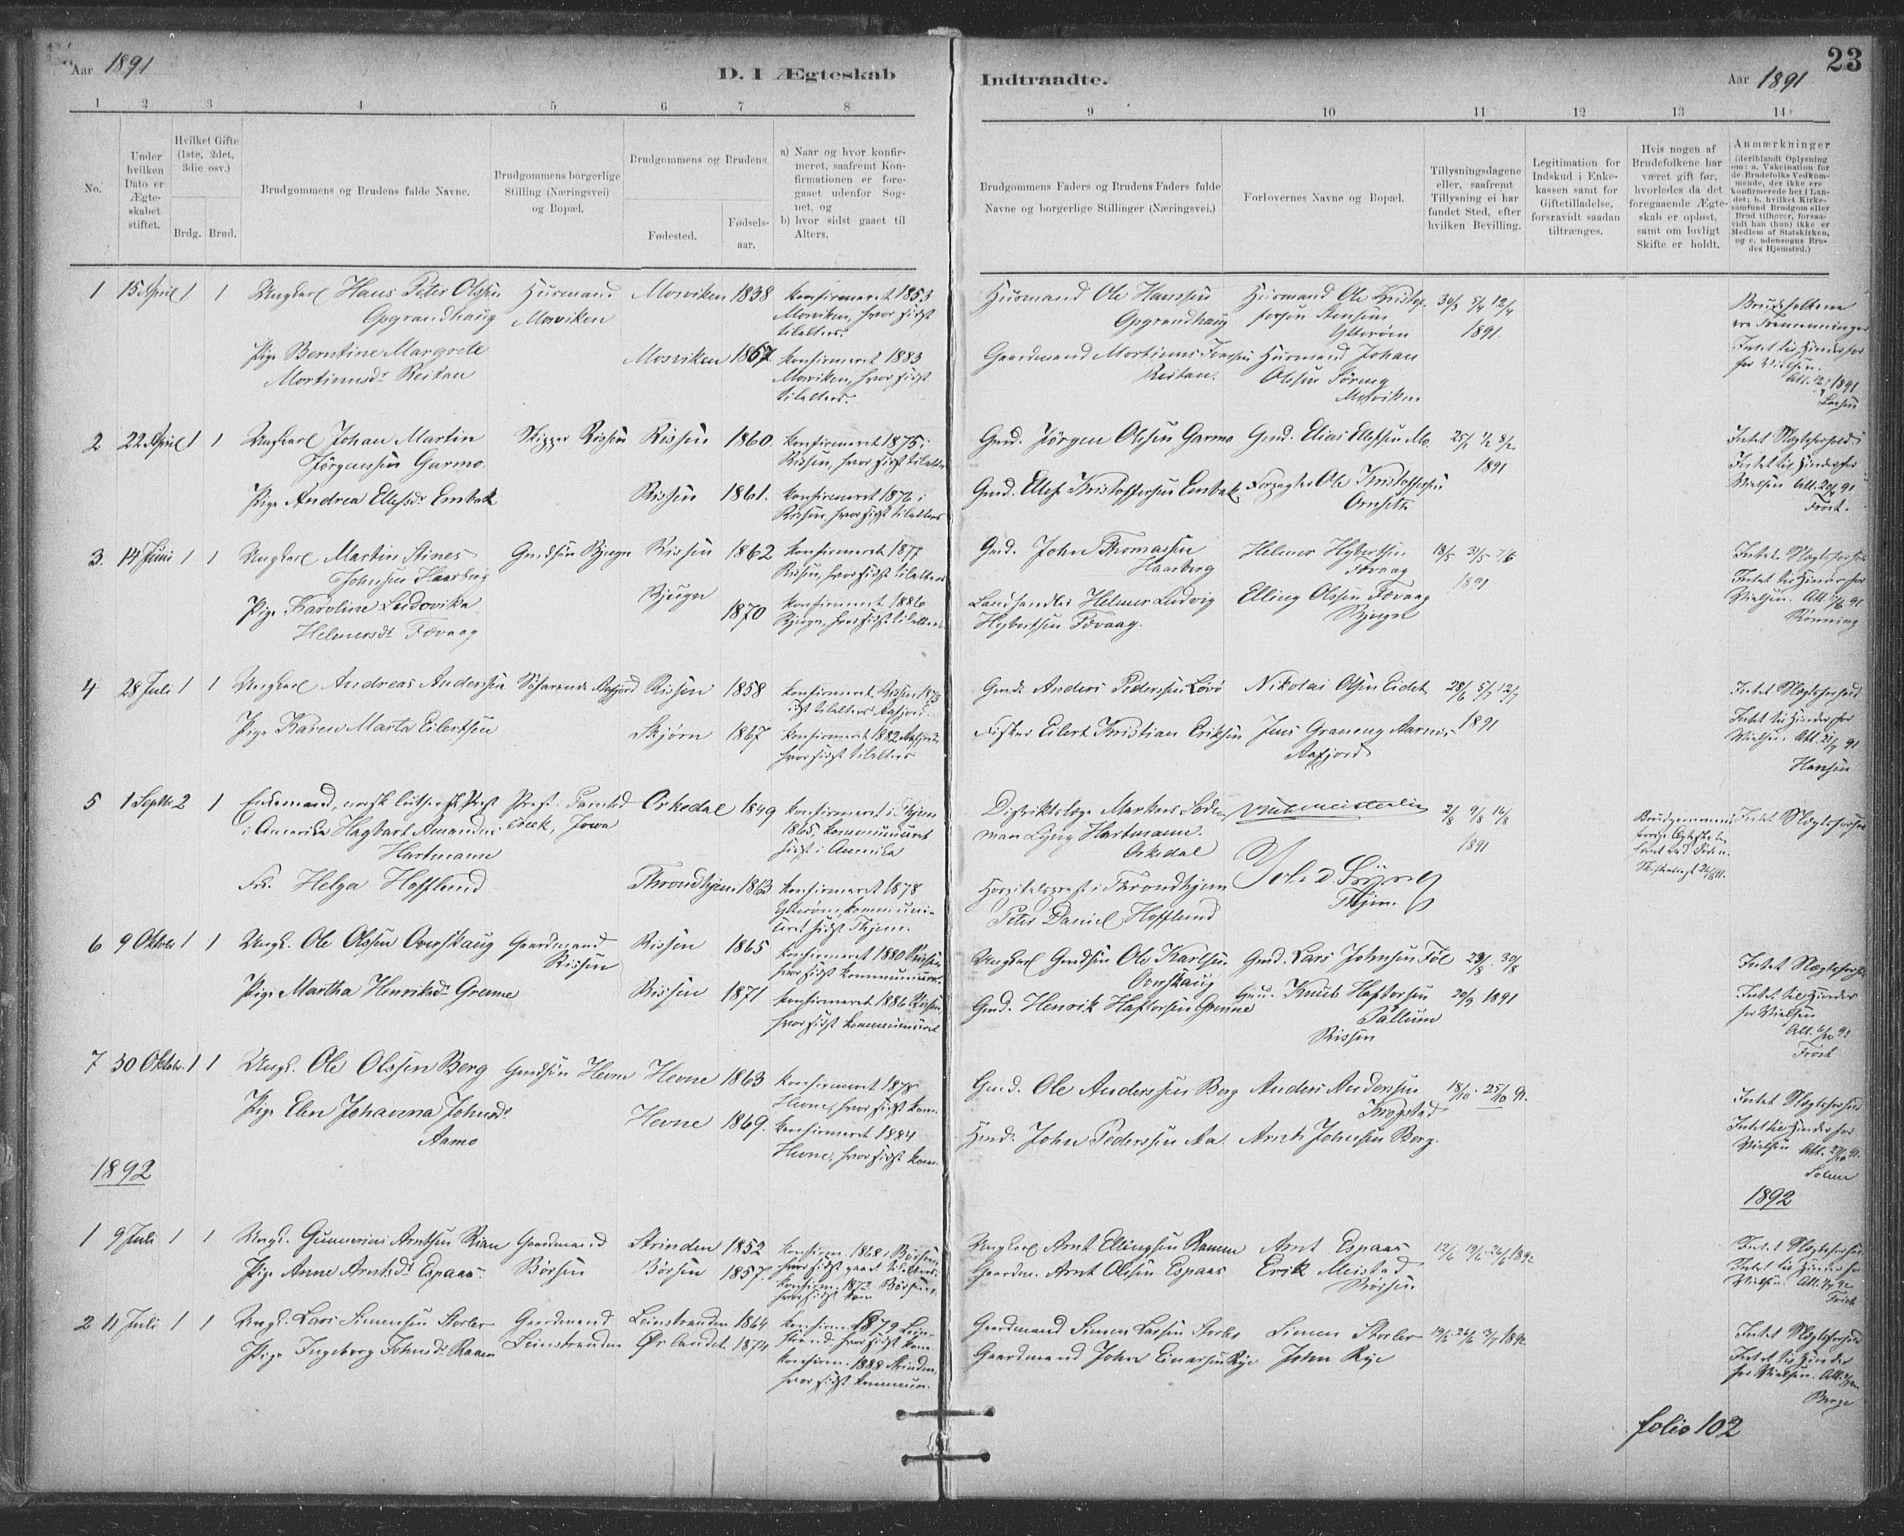 SAT, Ministerialprotokoller, klokkerbøker og fødselsregistre - Sør-Trøndelag, 623/L0470: Ministerialbok nr. 623A04, 1884-1938, s. 23